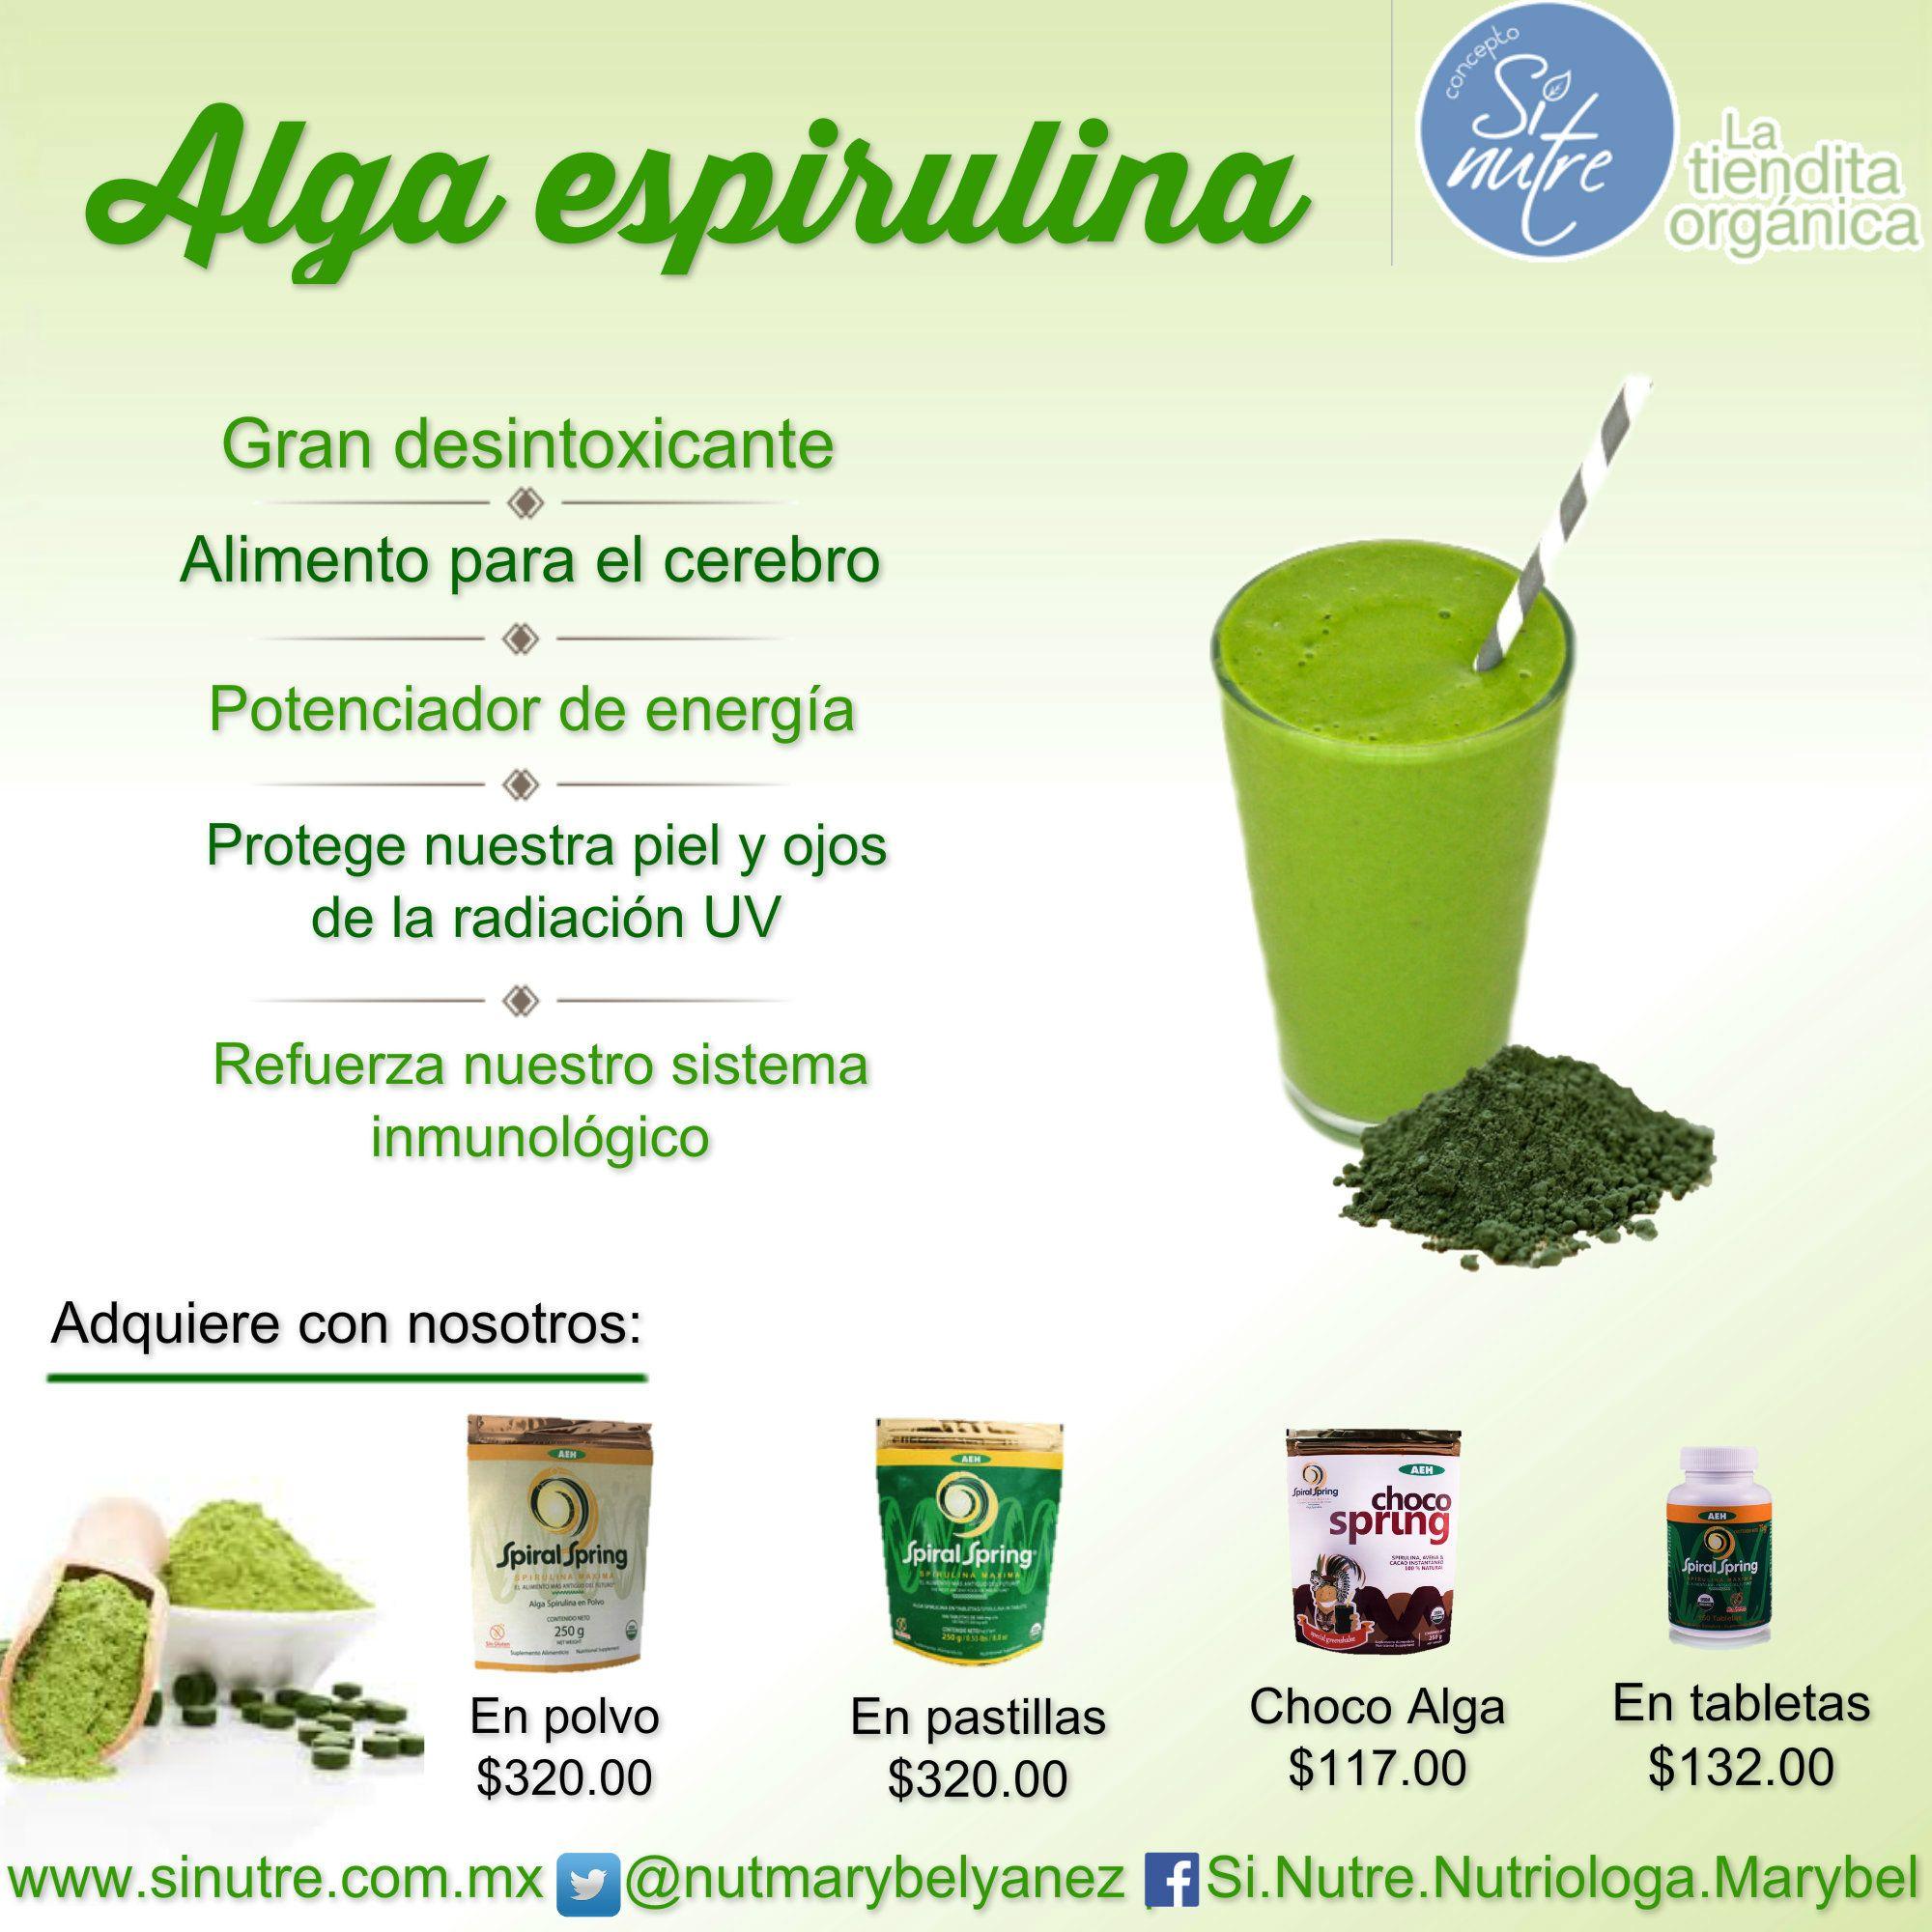 Beneficios Del Alga Espirulina De Venta En Sinutre Latienditaorgánica México Alimentos Organicos Alga Espirulina Espirulina